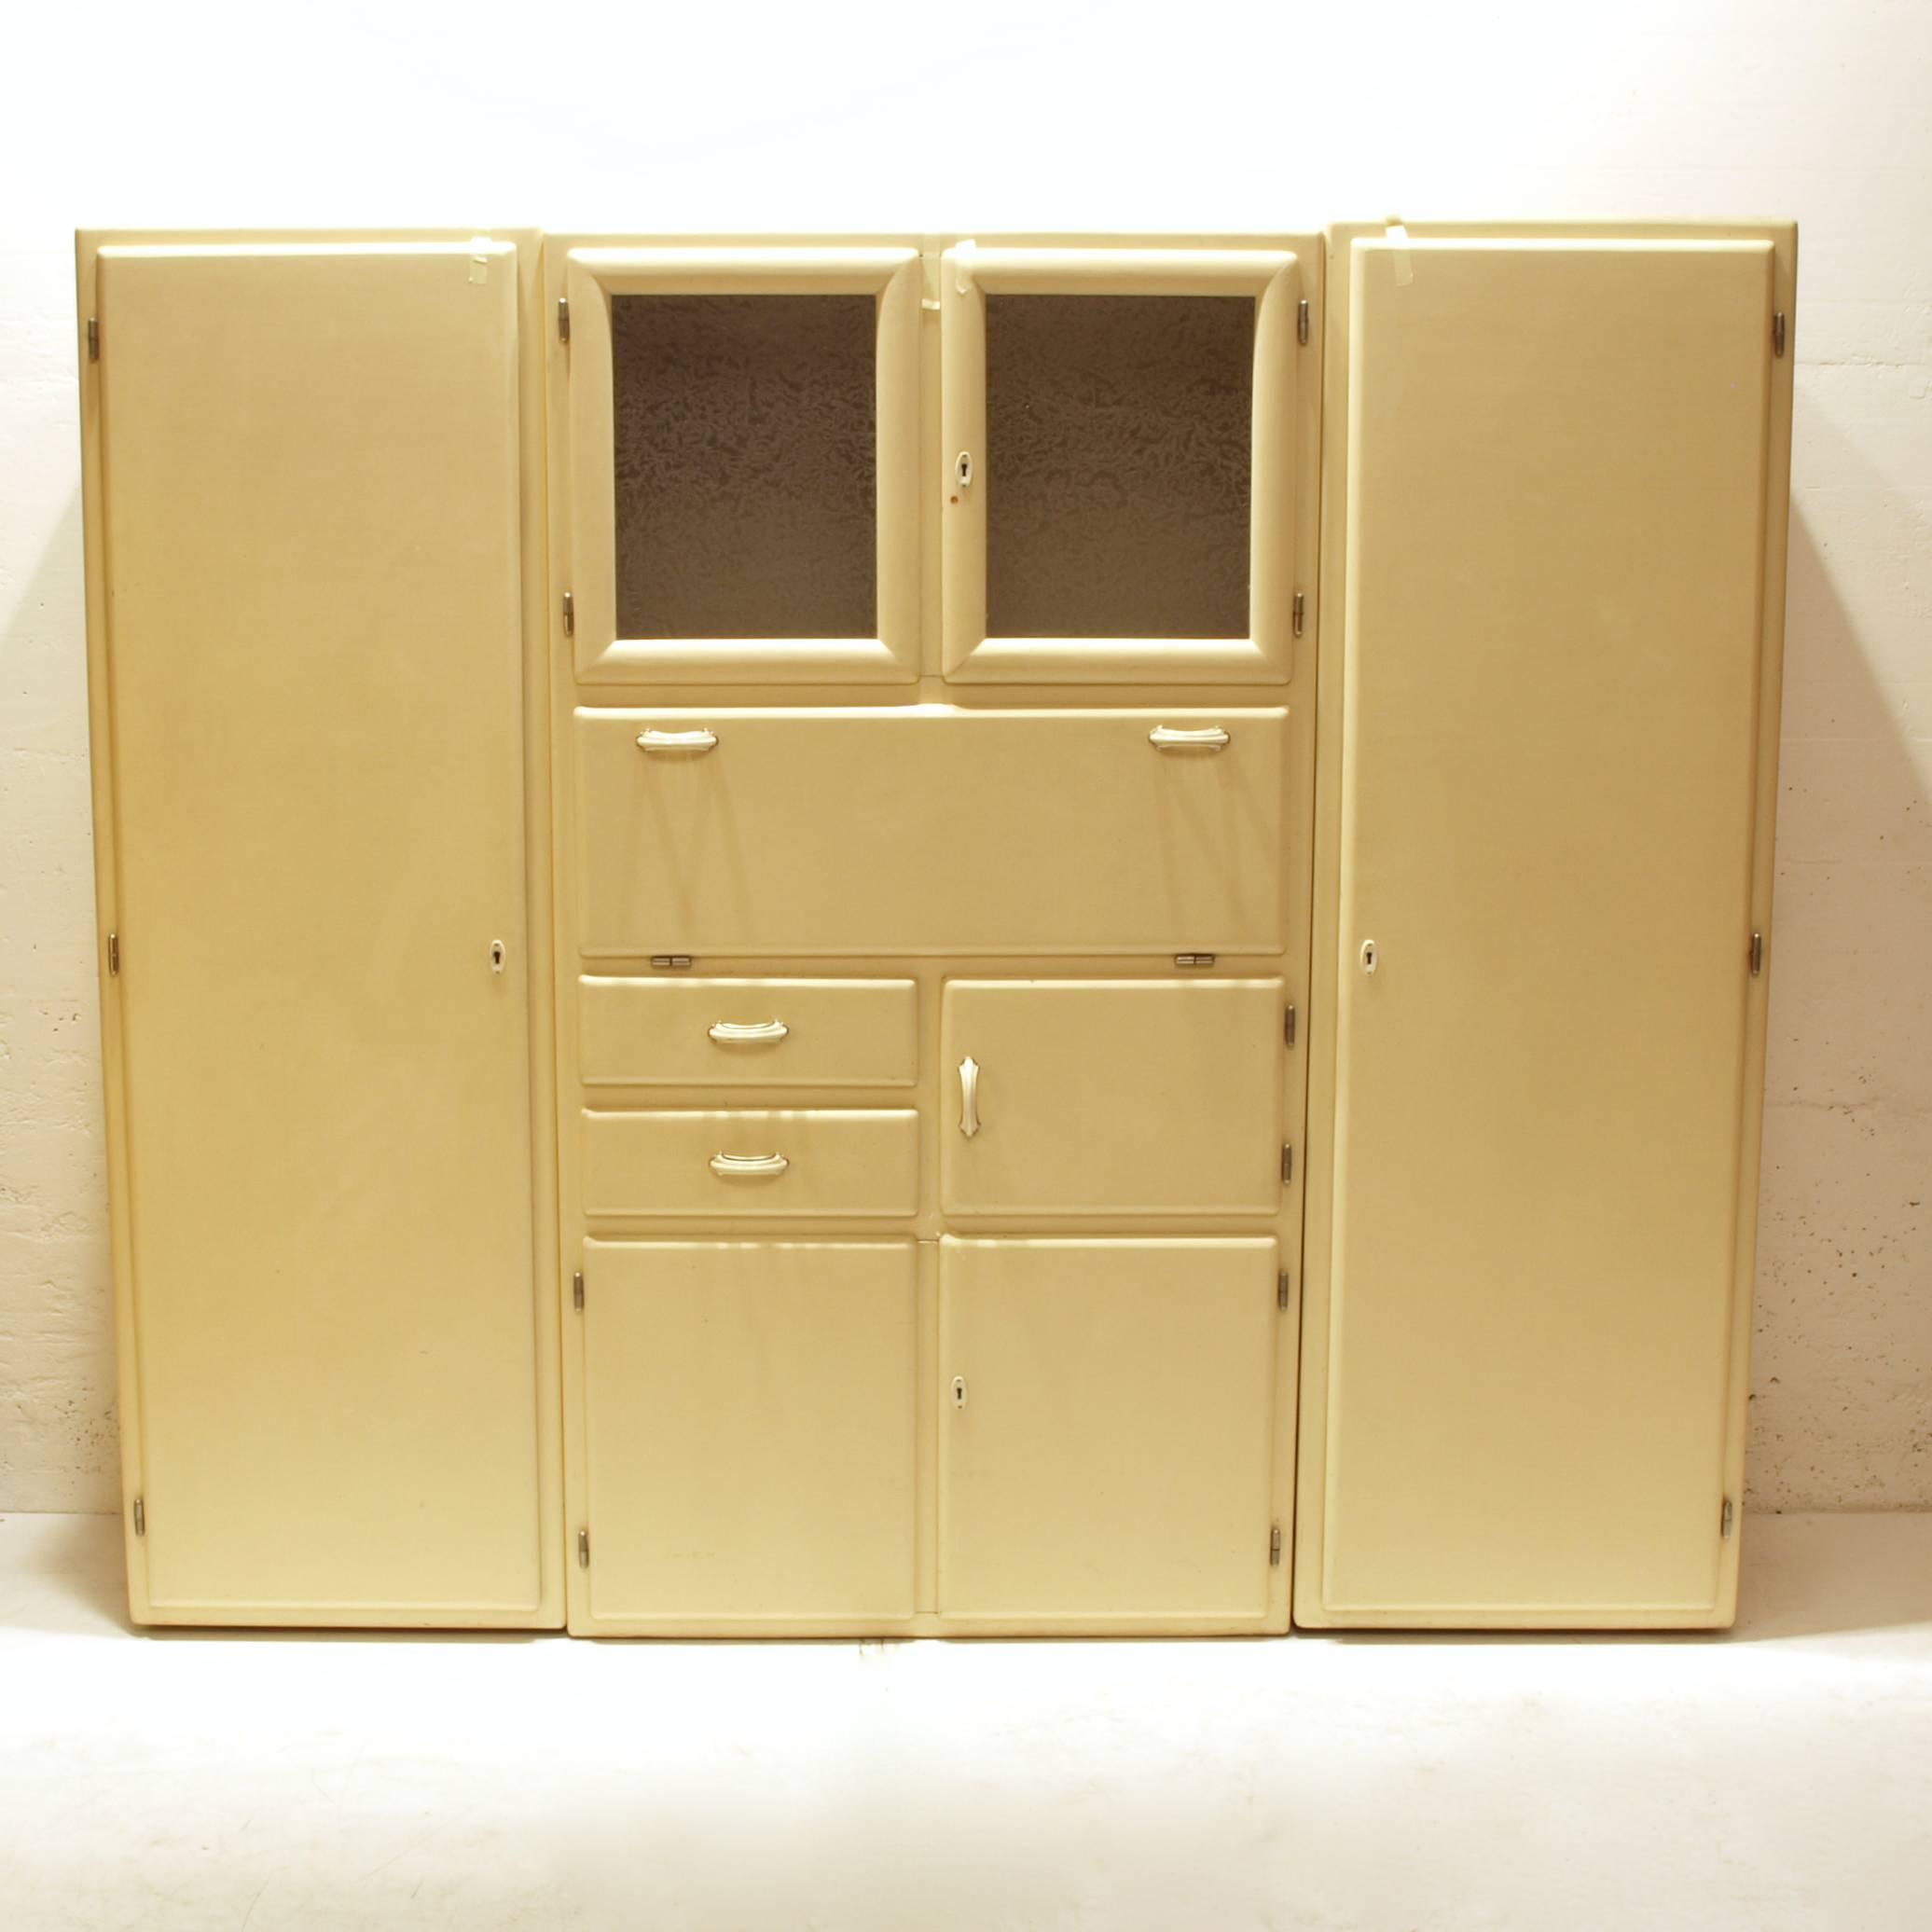 kchenmbel bekleben schrnke bekleben ideen genial neueste mbel mit kreidefarbe with kchenmbel. Black Bedroom Furniture Sets. Home Design Ideas